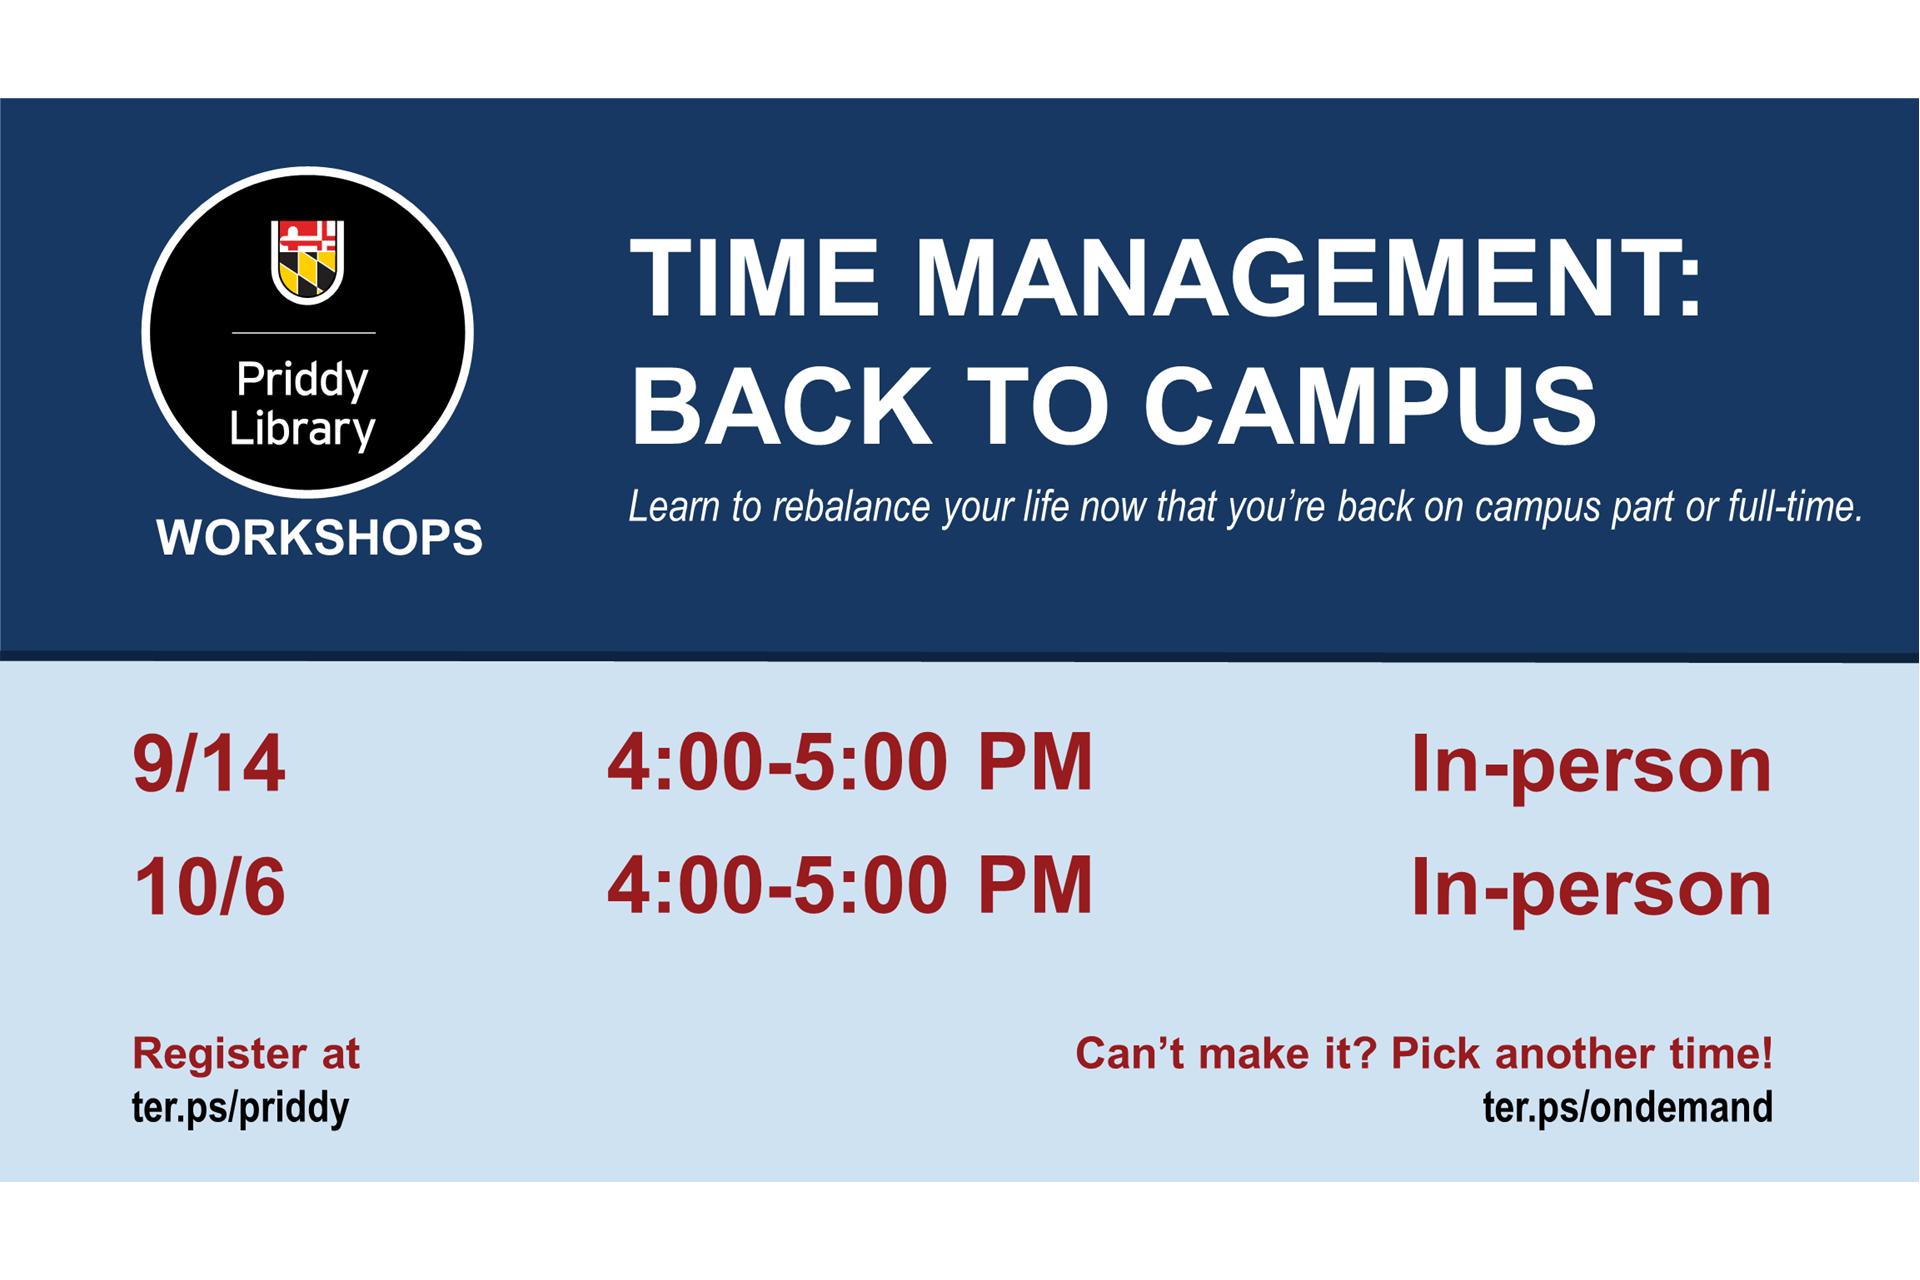 Time Management: Back to Campus workshop flyer